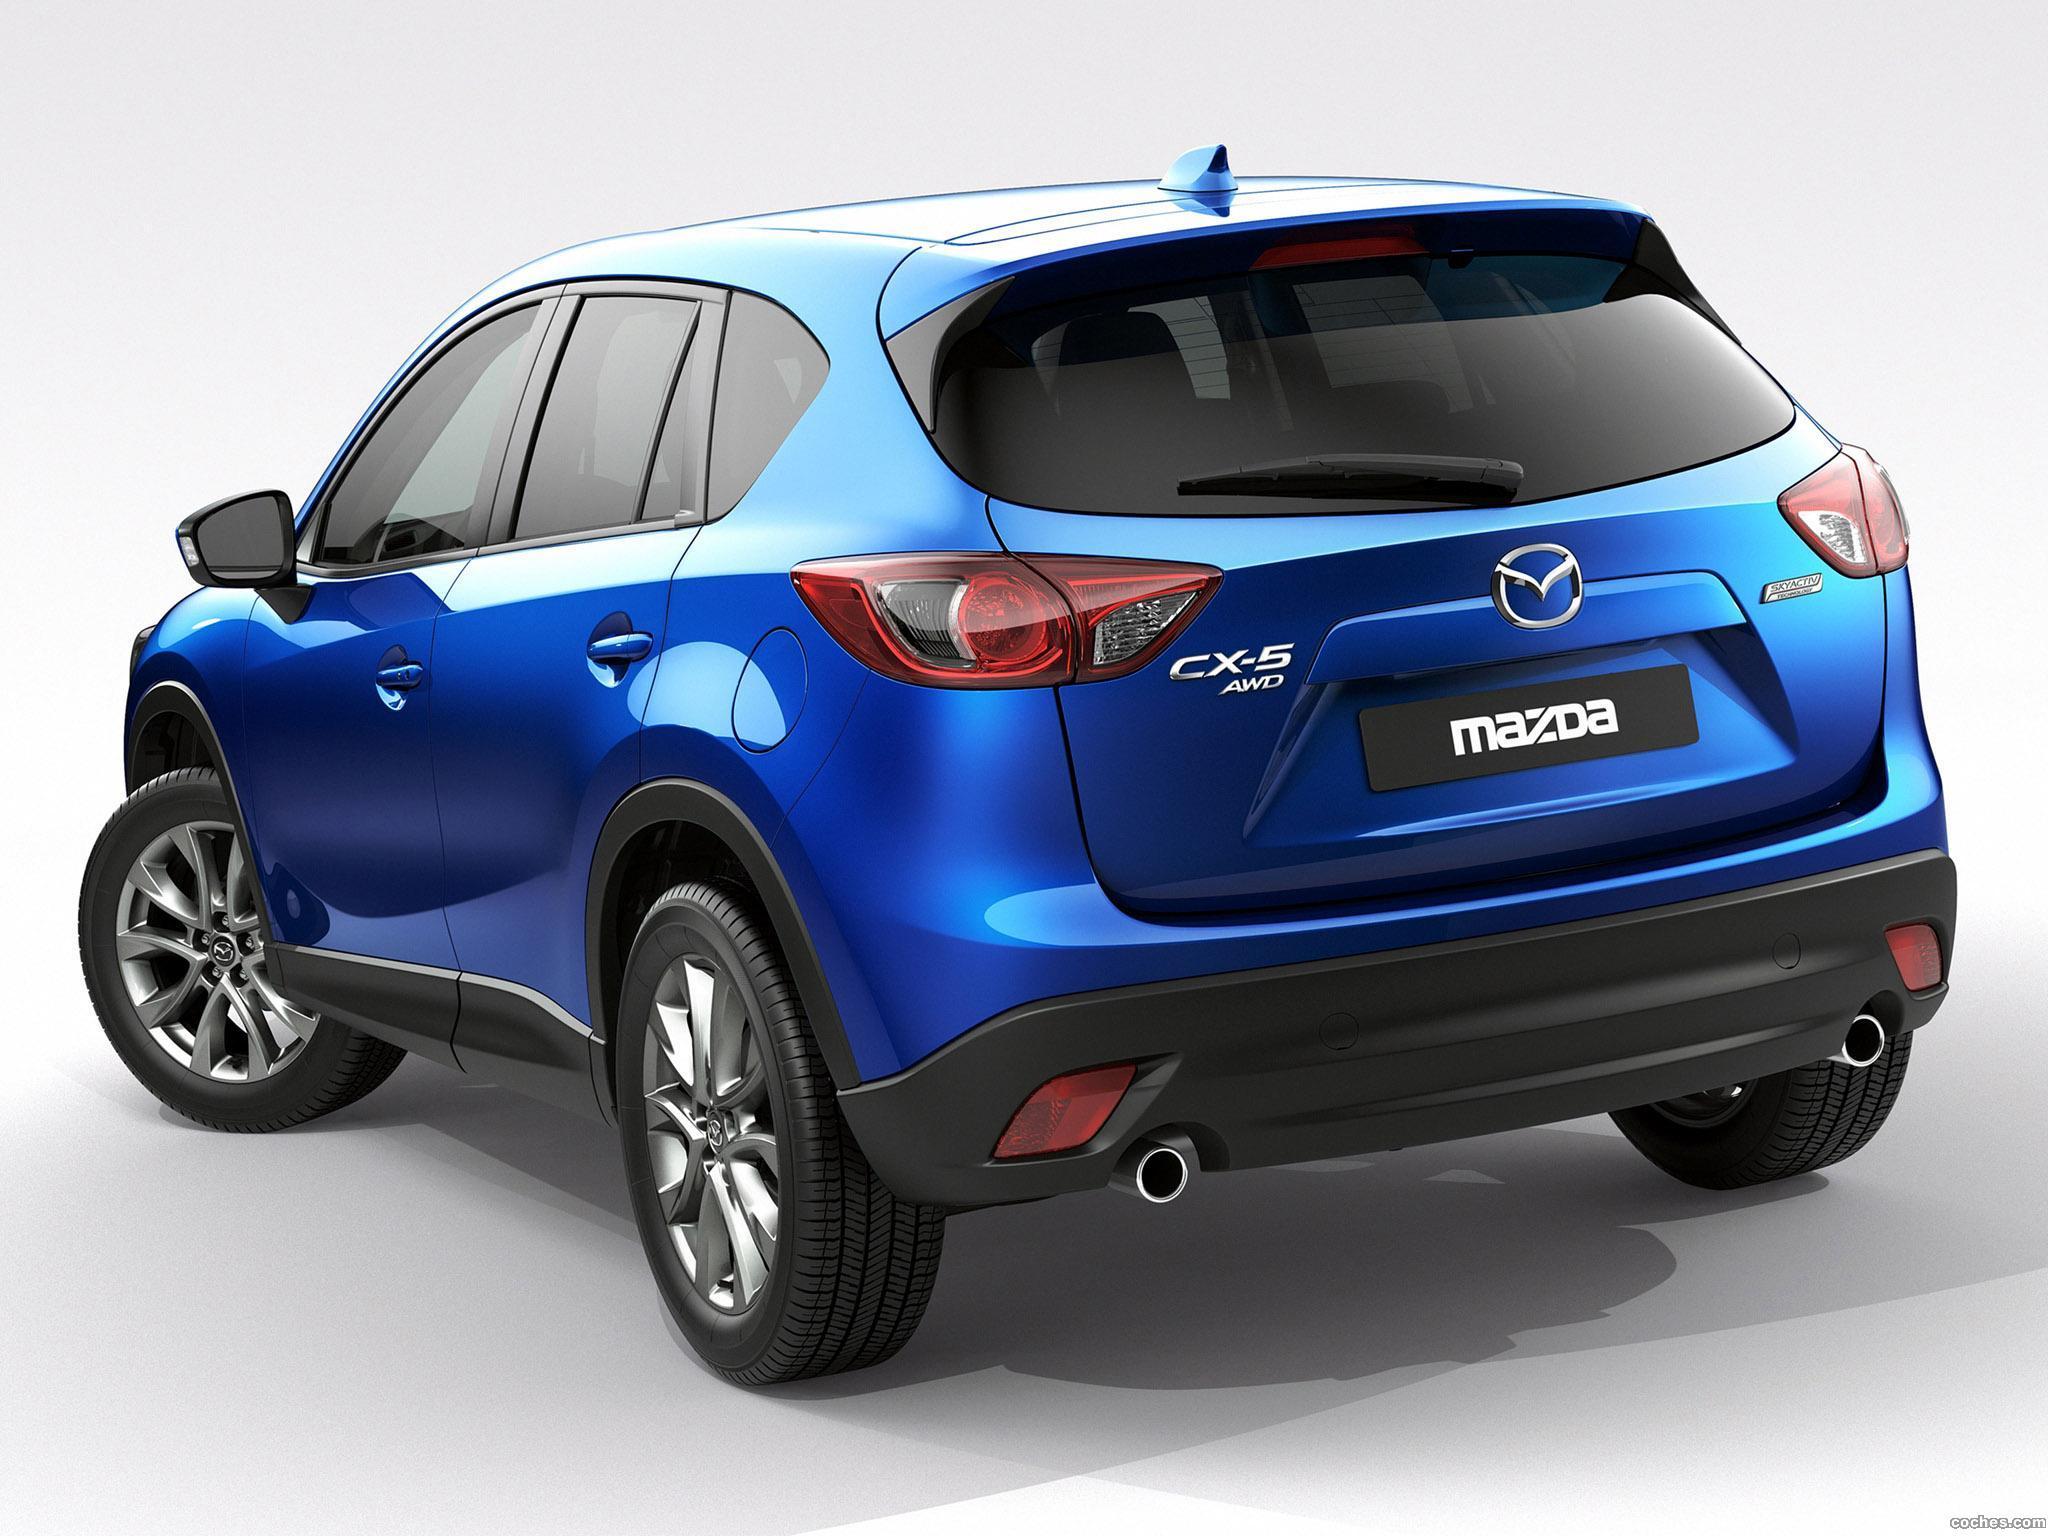 Foto 4 de Mazda CX-5 2011